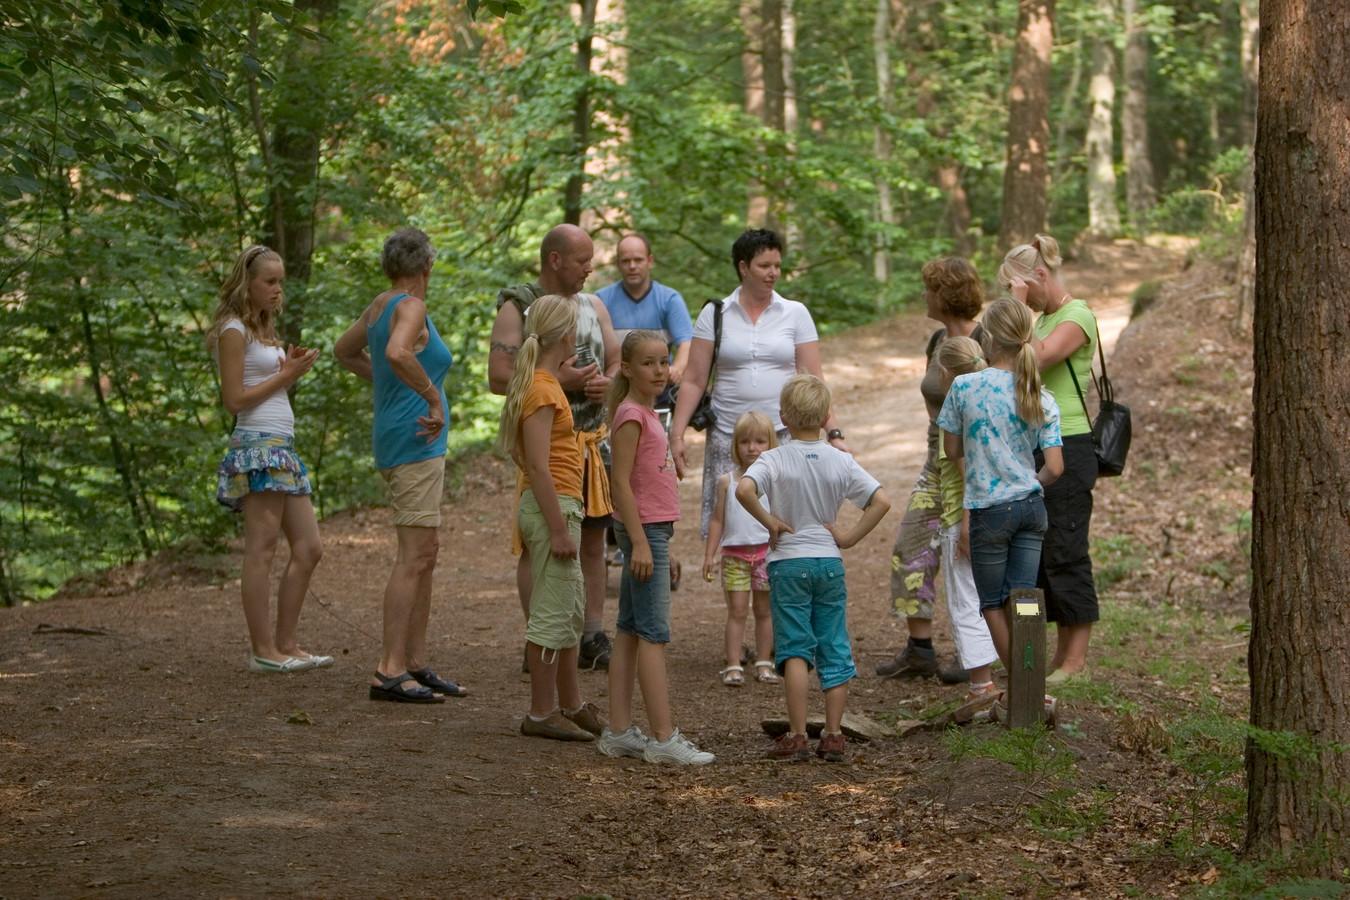 Drukte in de bossen bij Staverden. Toeristen die naar de Veluwe komen zouden meer gespreid moeten worden naar ook de onbekende plekken, denkt Herre Dijkeman van  Toerisme Veluwe Arnhem Nijmegen.